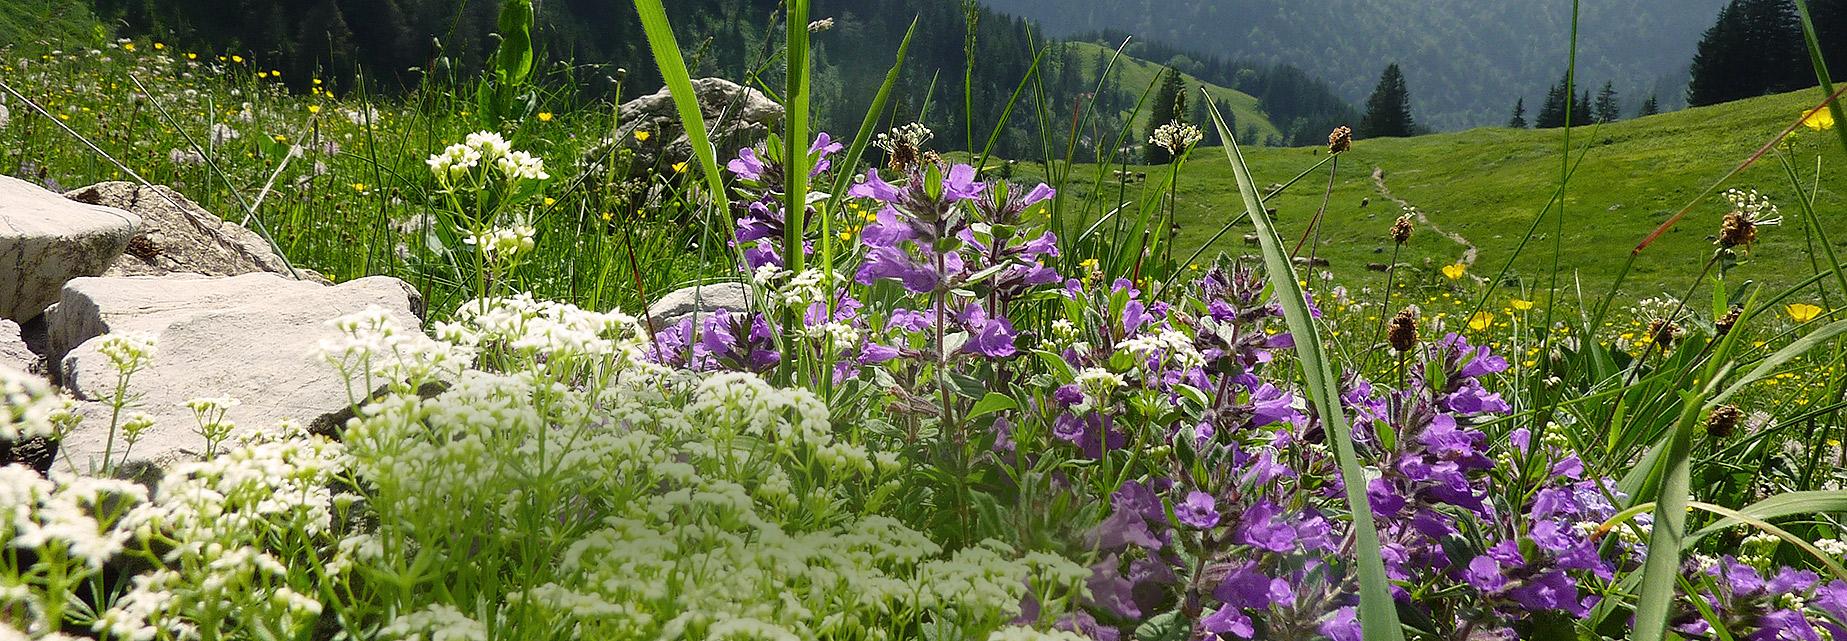 Sommerurlaub in Oberjoch